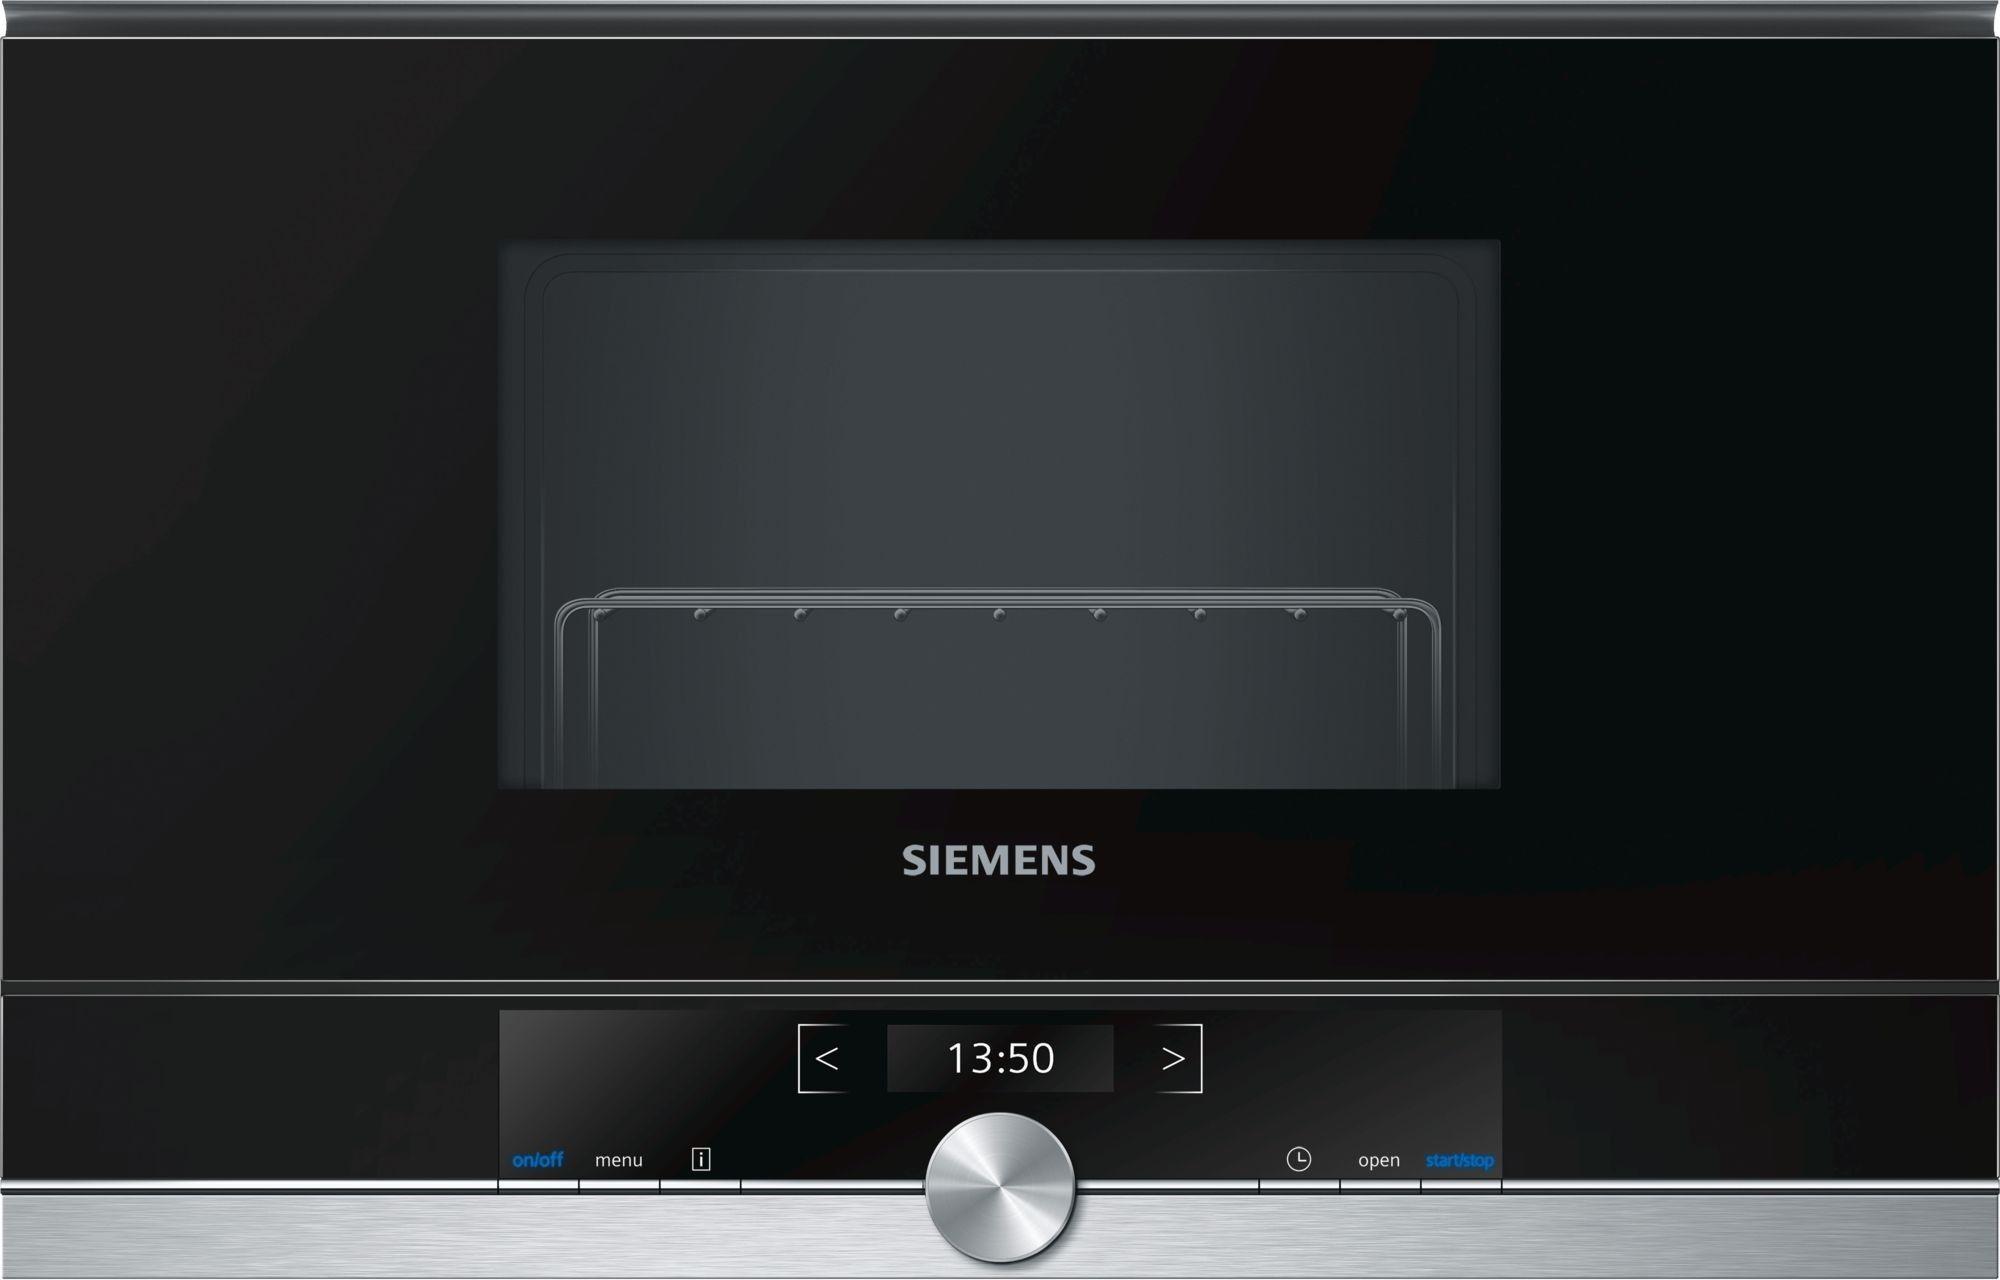 Mikrofala Siemens BE634RGS1 sLine, I tel. (22) 266 82 20 I Raty 0 % I kto pyta płaci mniej I Płatności online !